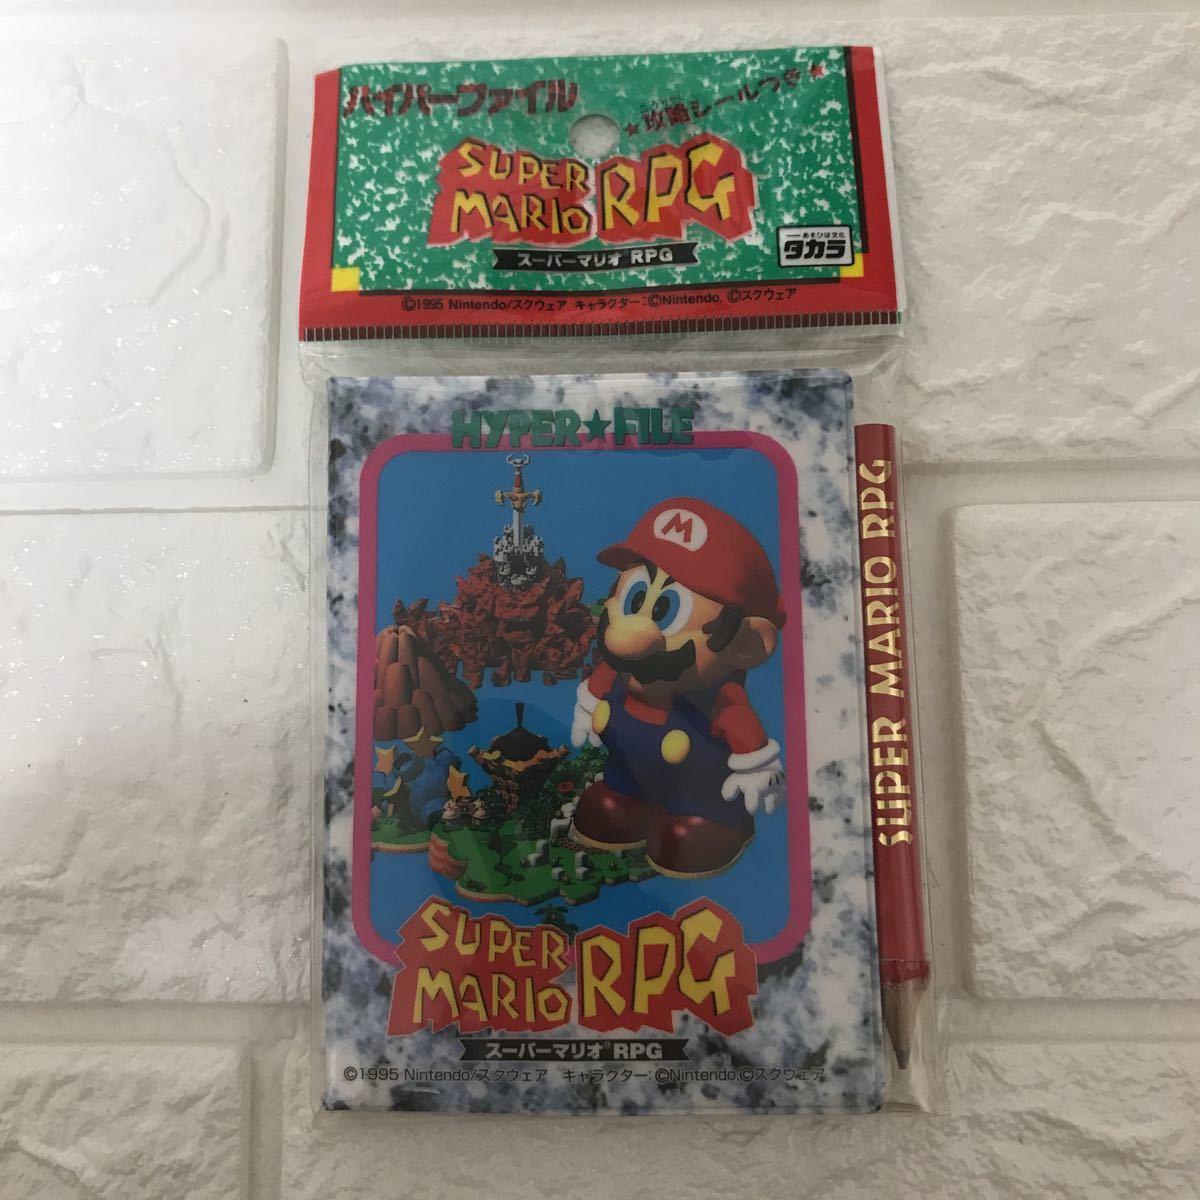 【激レア・未使用品】sfc SFC スーパーマリオRPG ハイパーファイル 任天堂 1995 鉛筆付き タカラ 攻略シールつき 未開封品 日本製_画像1